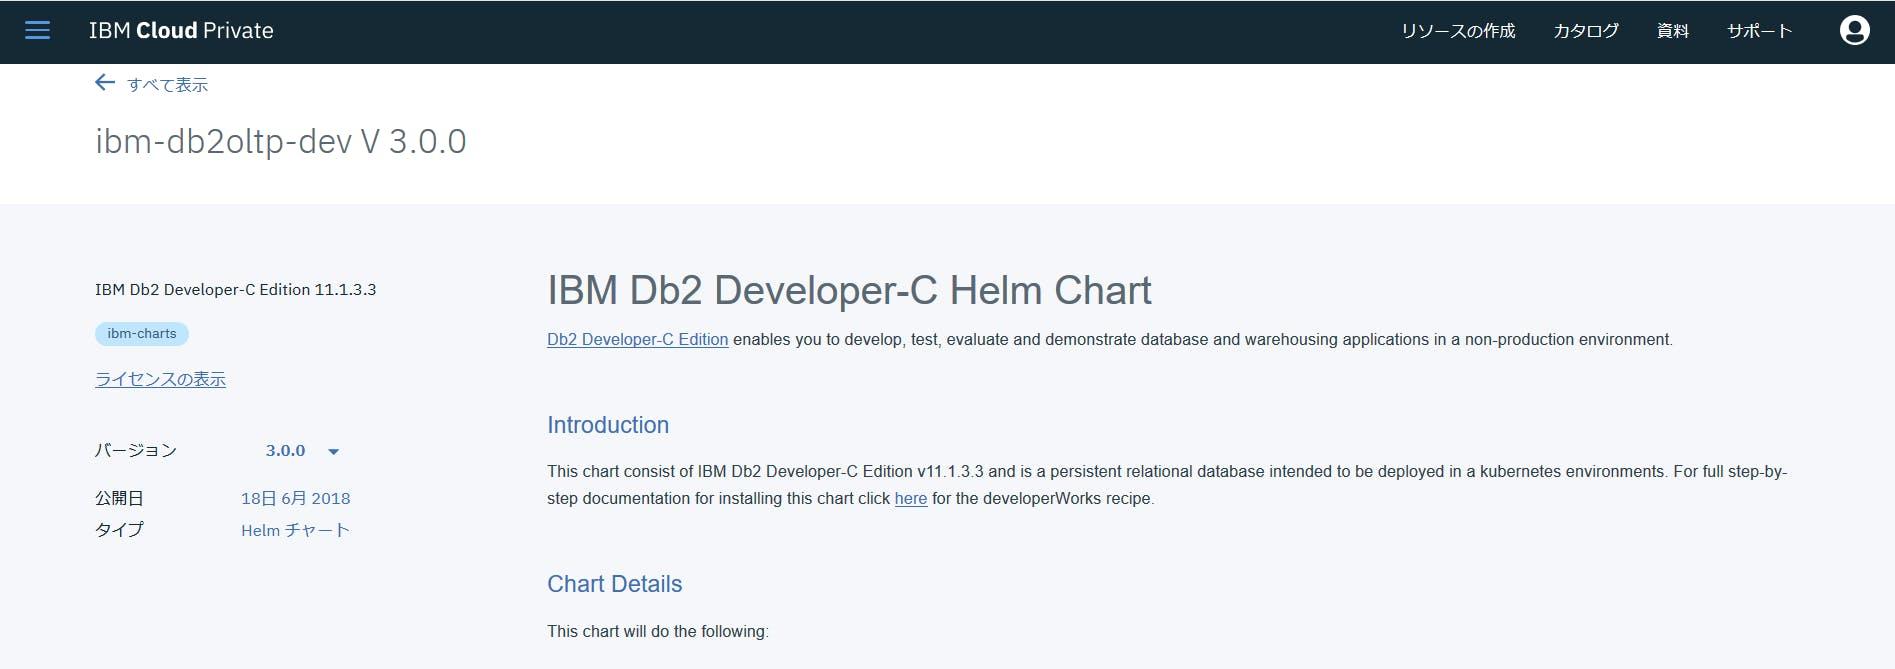 ICPでIBM Db2 Developer-C Helm ChartのDb2を使ってみる その2 - Qiita